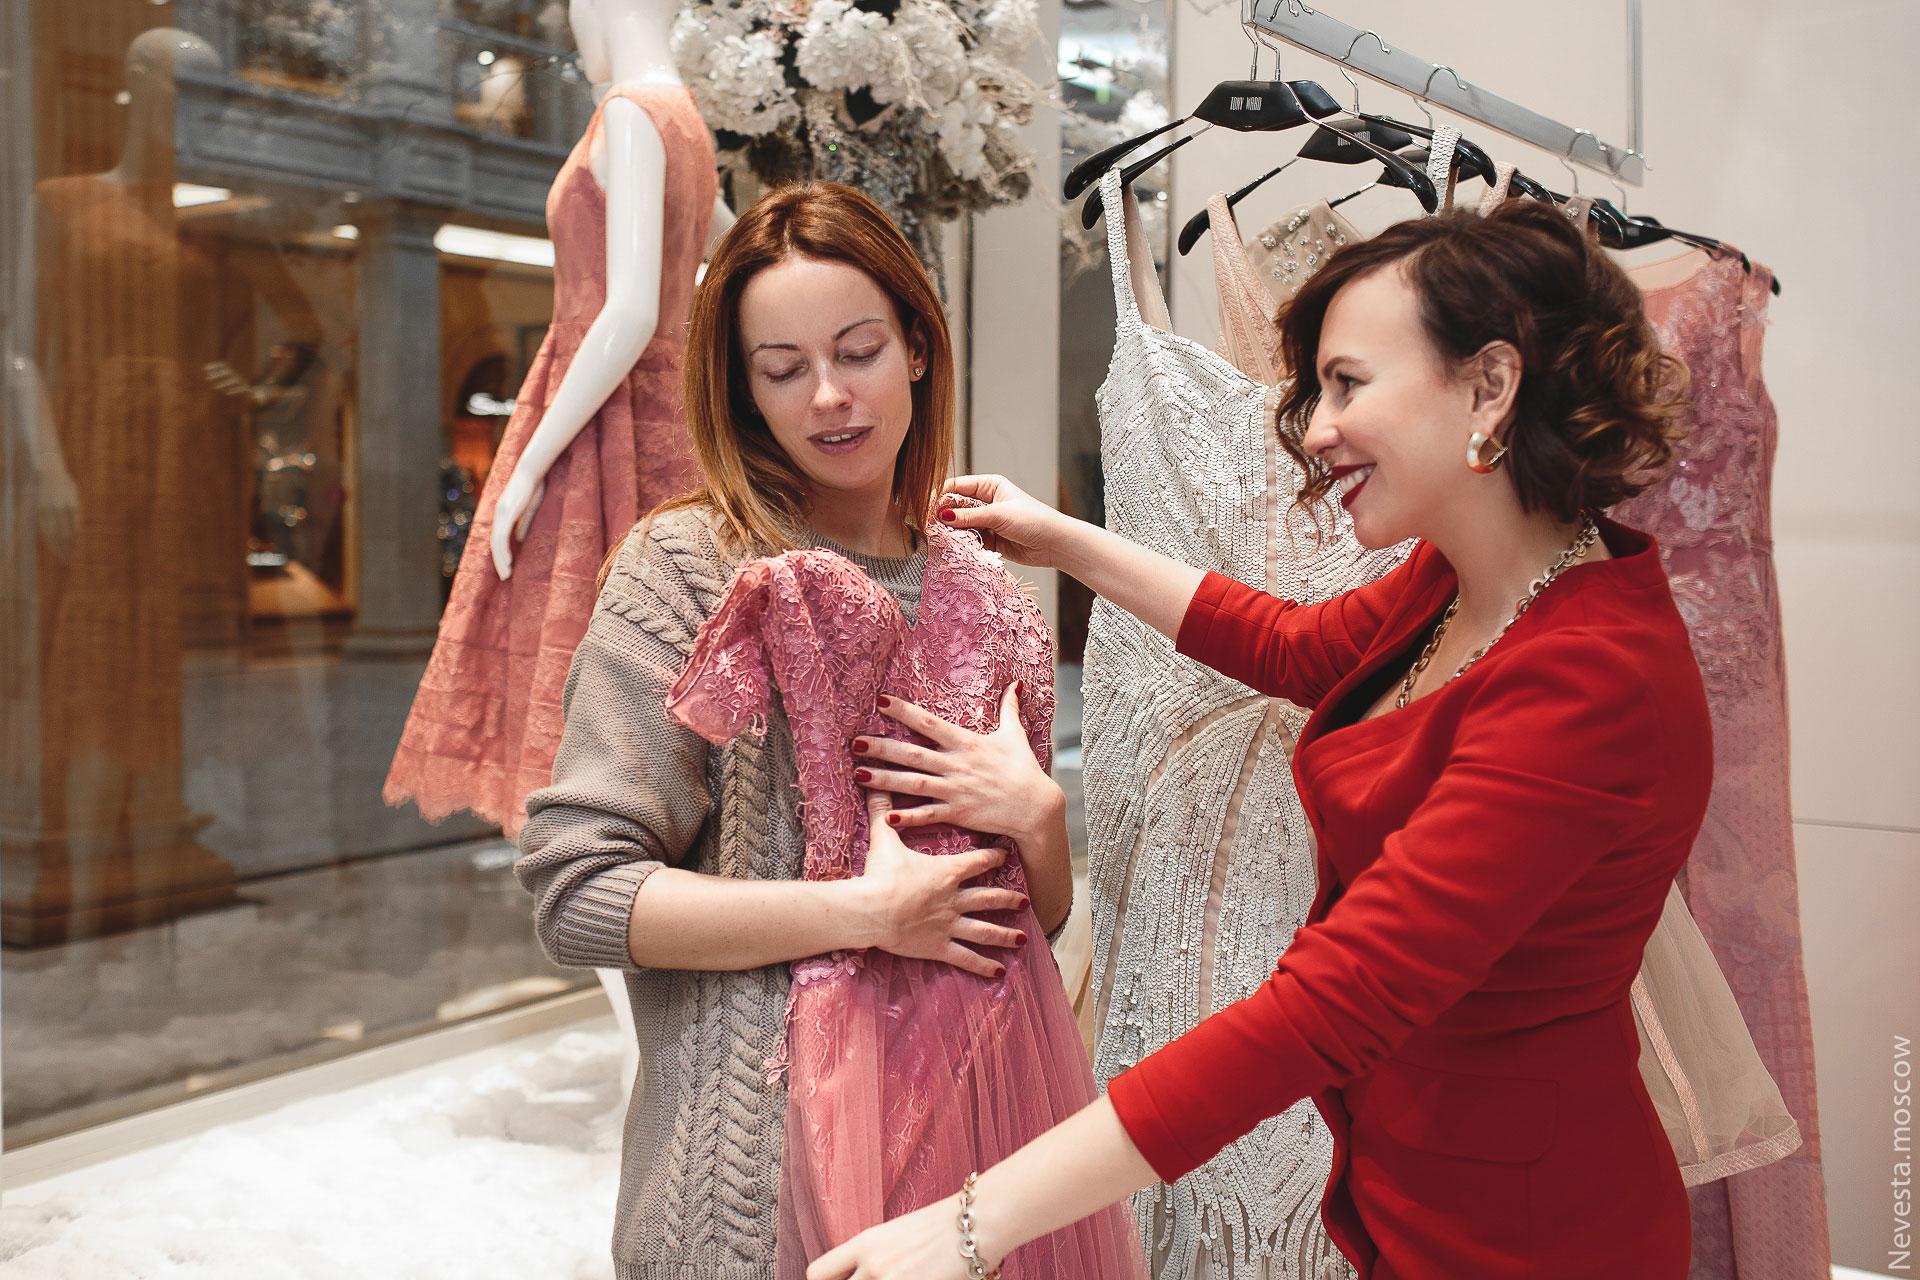 Актриса Ольга Зайцева примеряет образ для свадьбы в Альпах фото 9